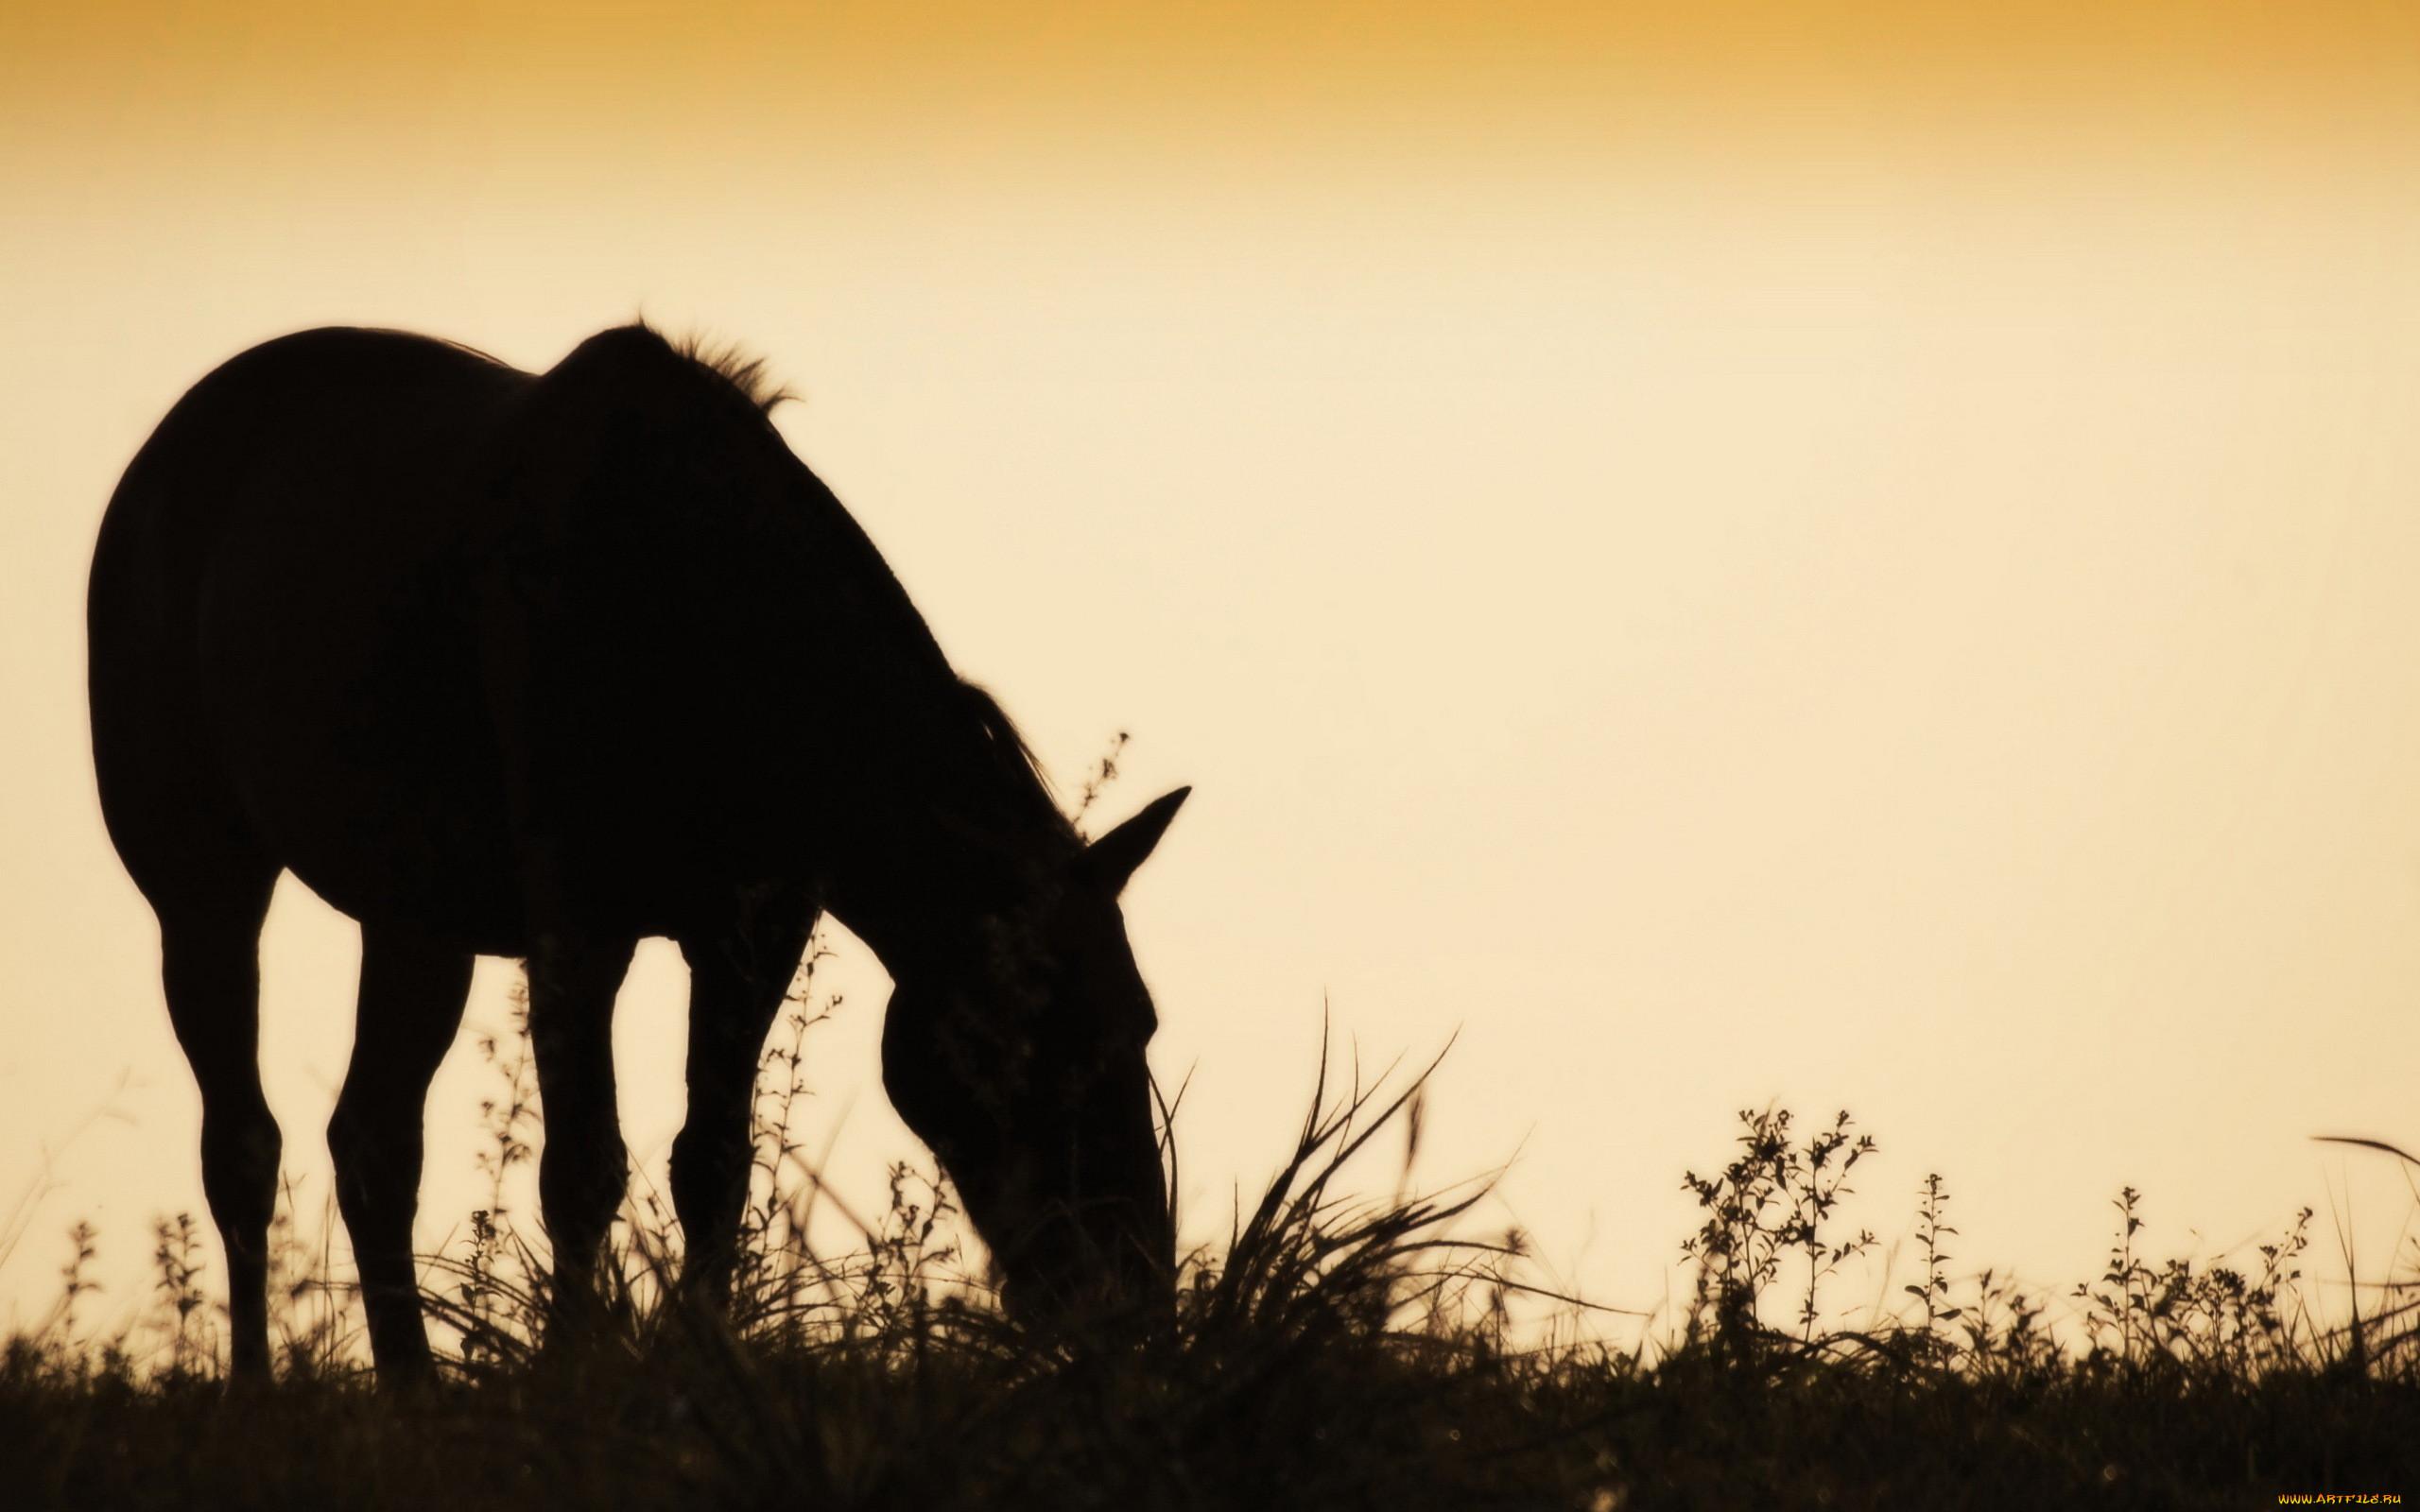 животные, лошади, силуэт, закат, конь